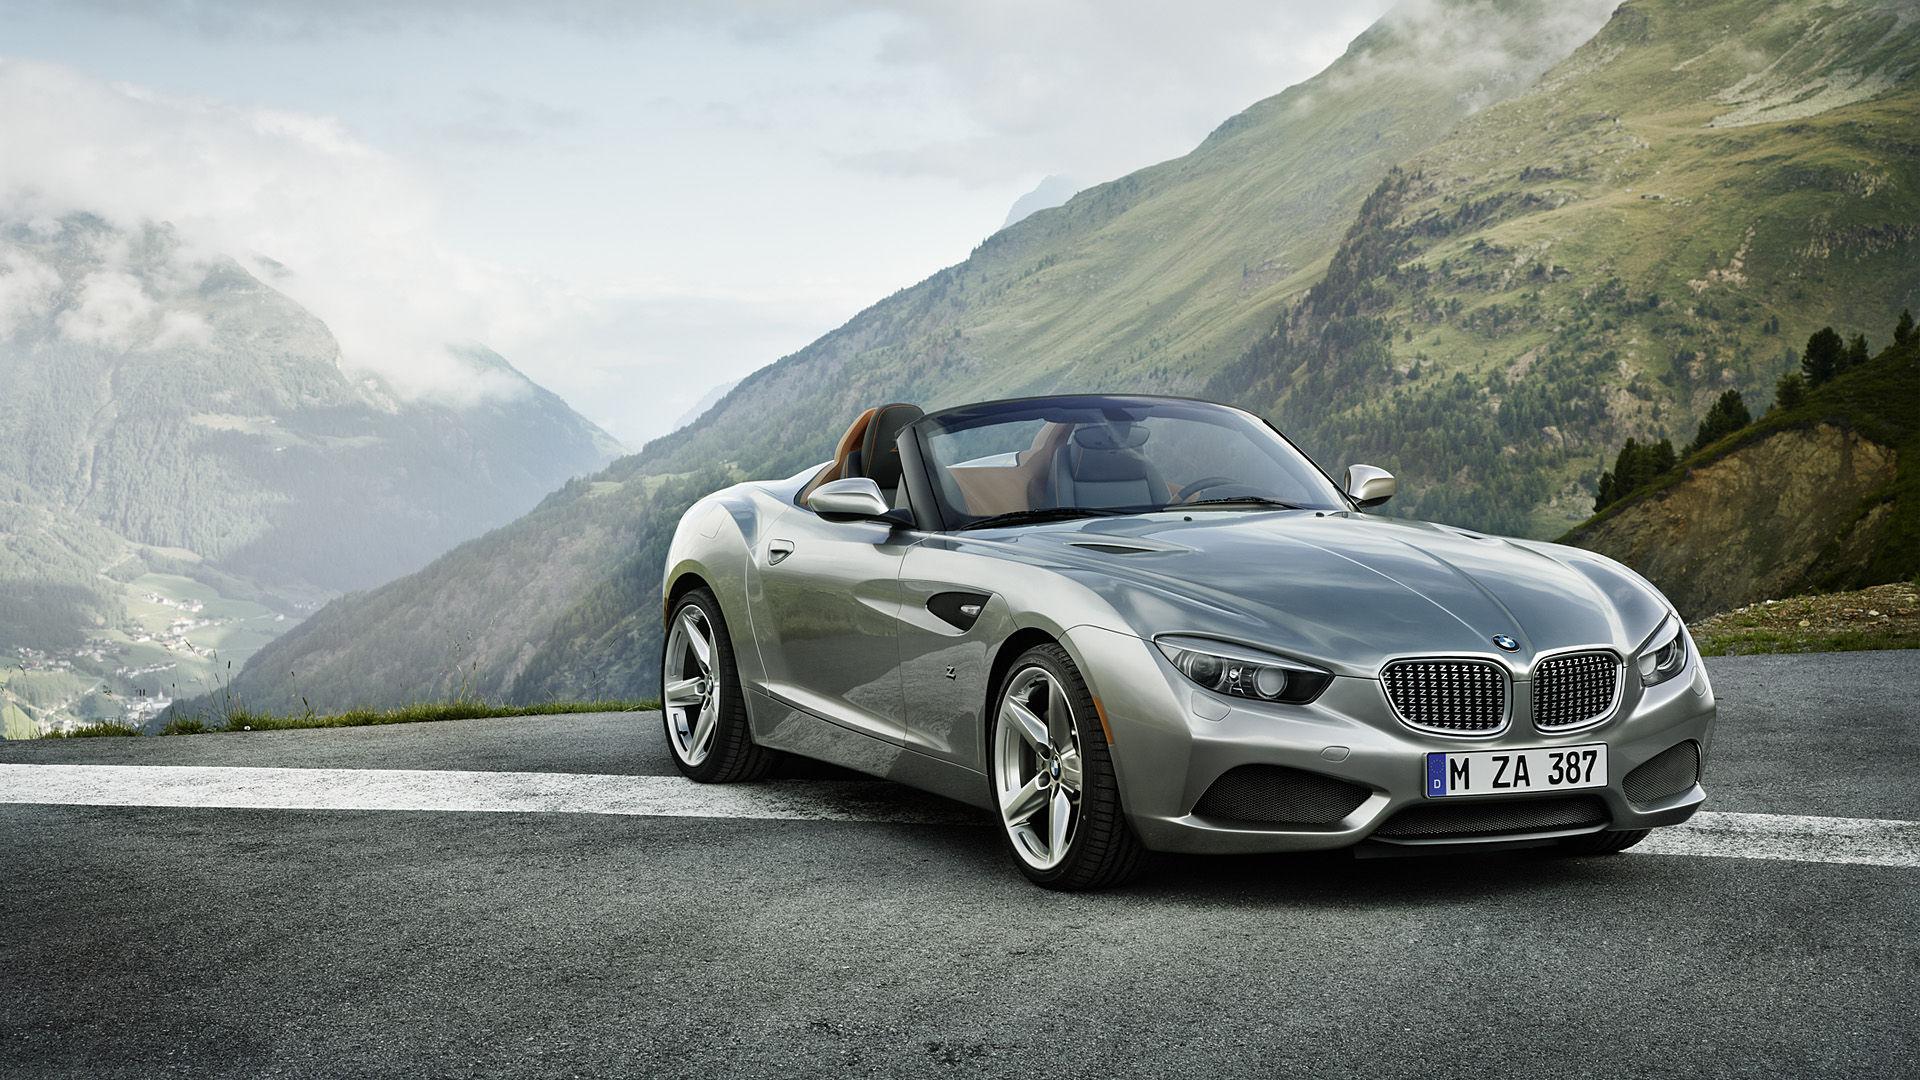 2012 BMW Zagato Roadster Concept